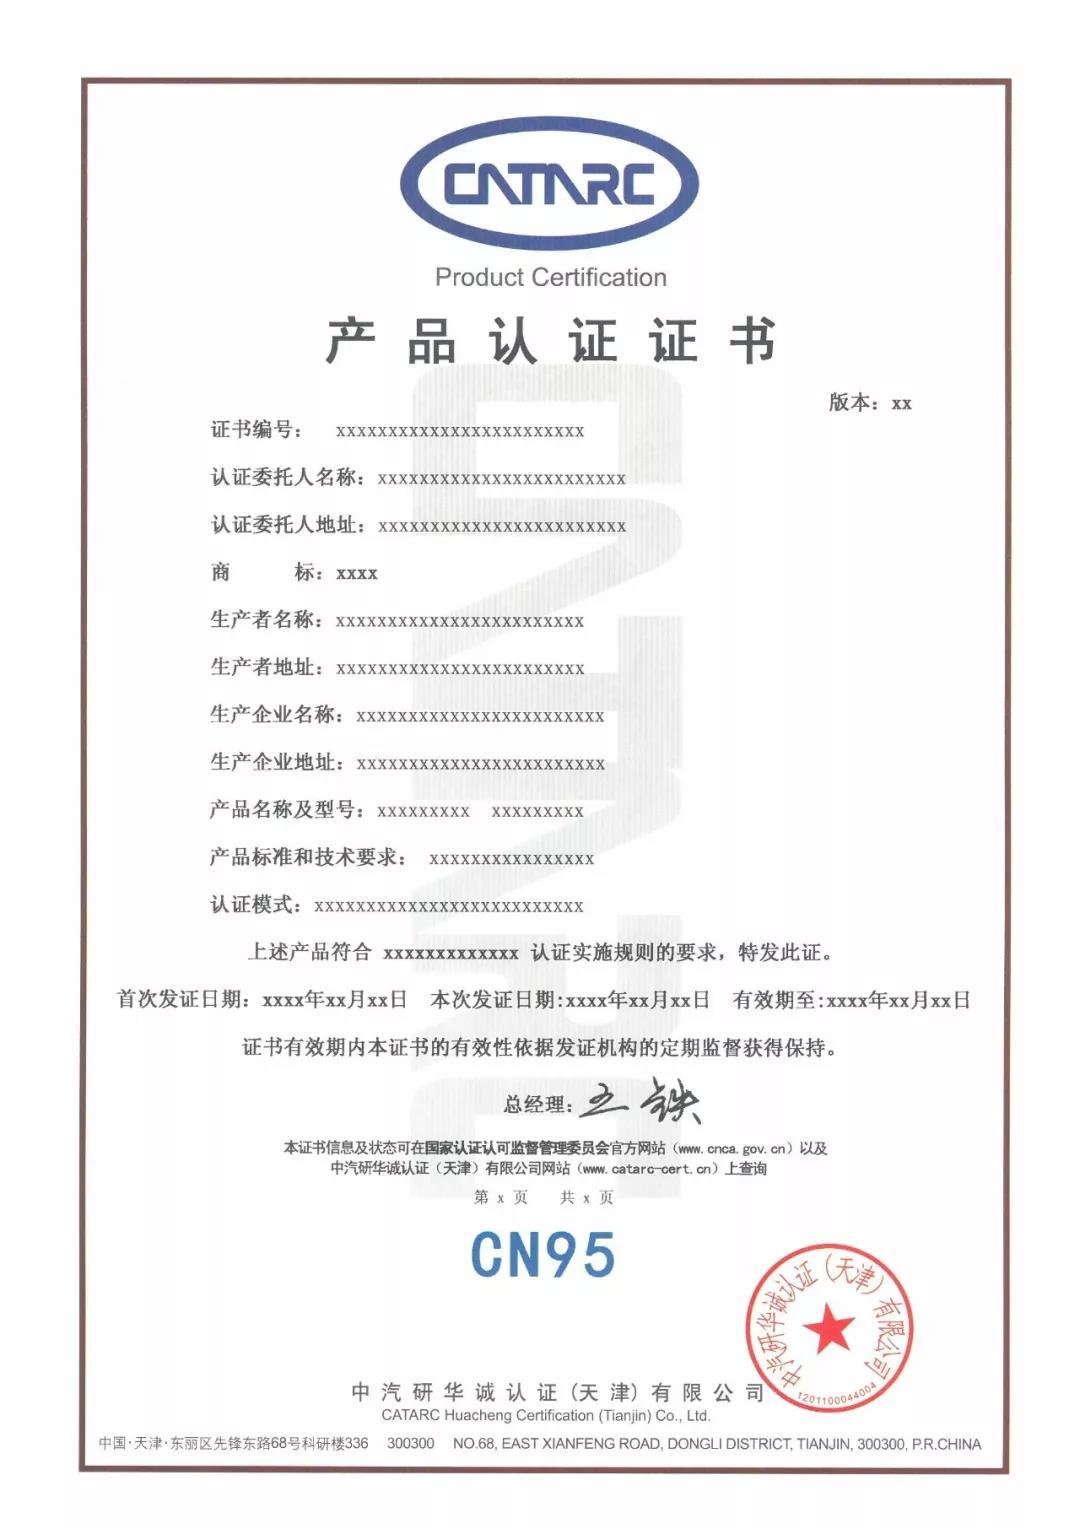 汽车空调滤清器CN95认证首批结果发布